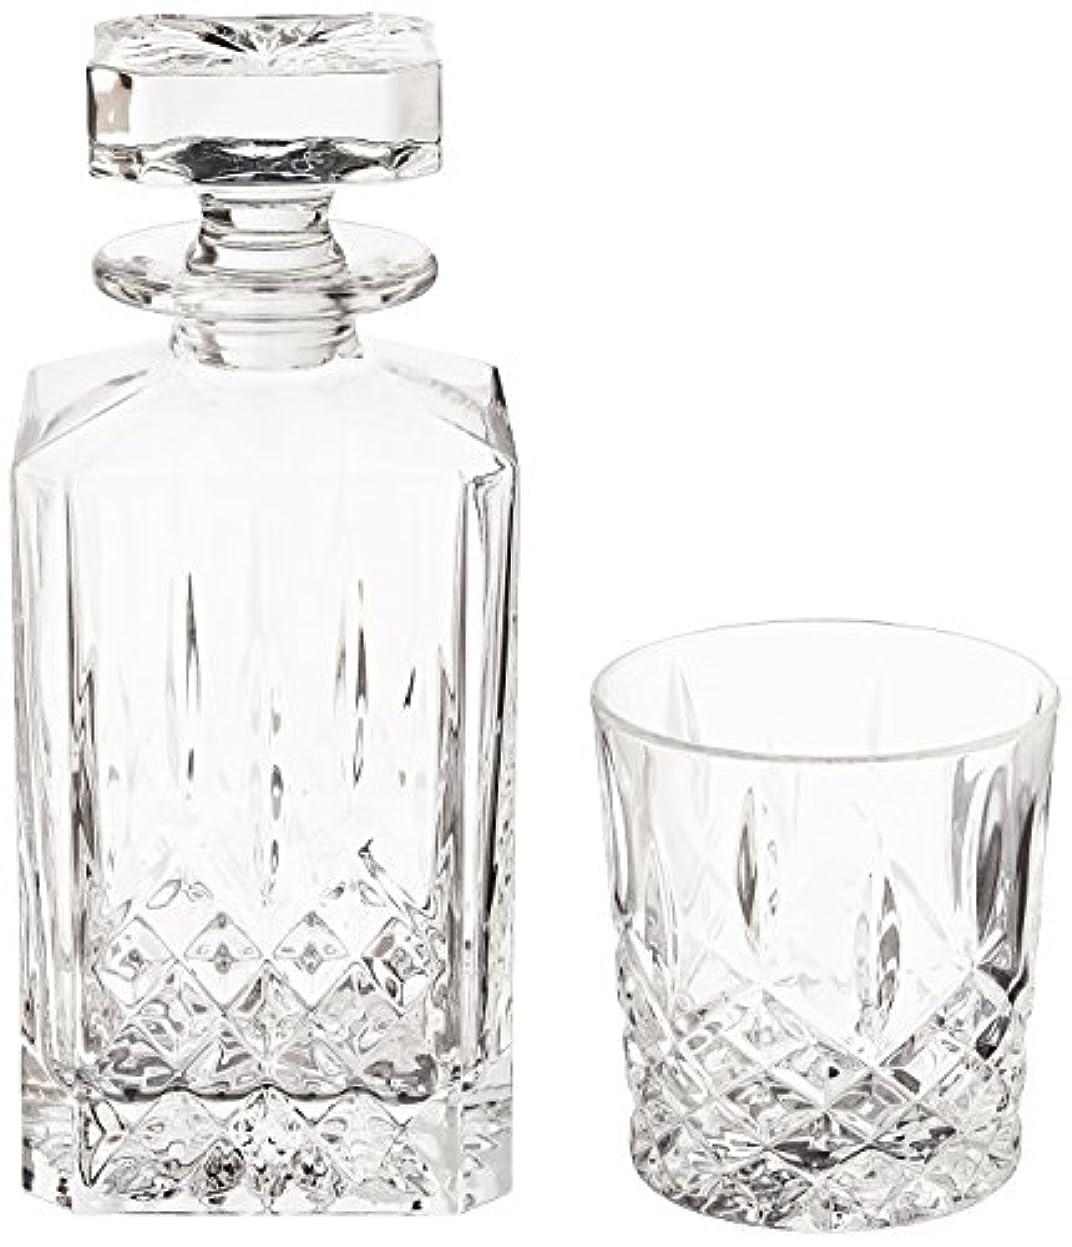 飢横に気怠い(Decanter Set) - Marquis by Waterford Markham 330ml Double Old Fashioned Glasses Pair and Square Decanter Set,...